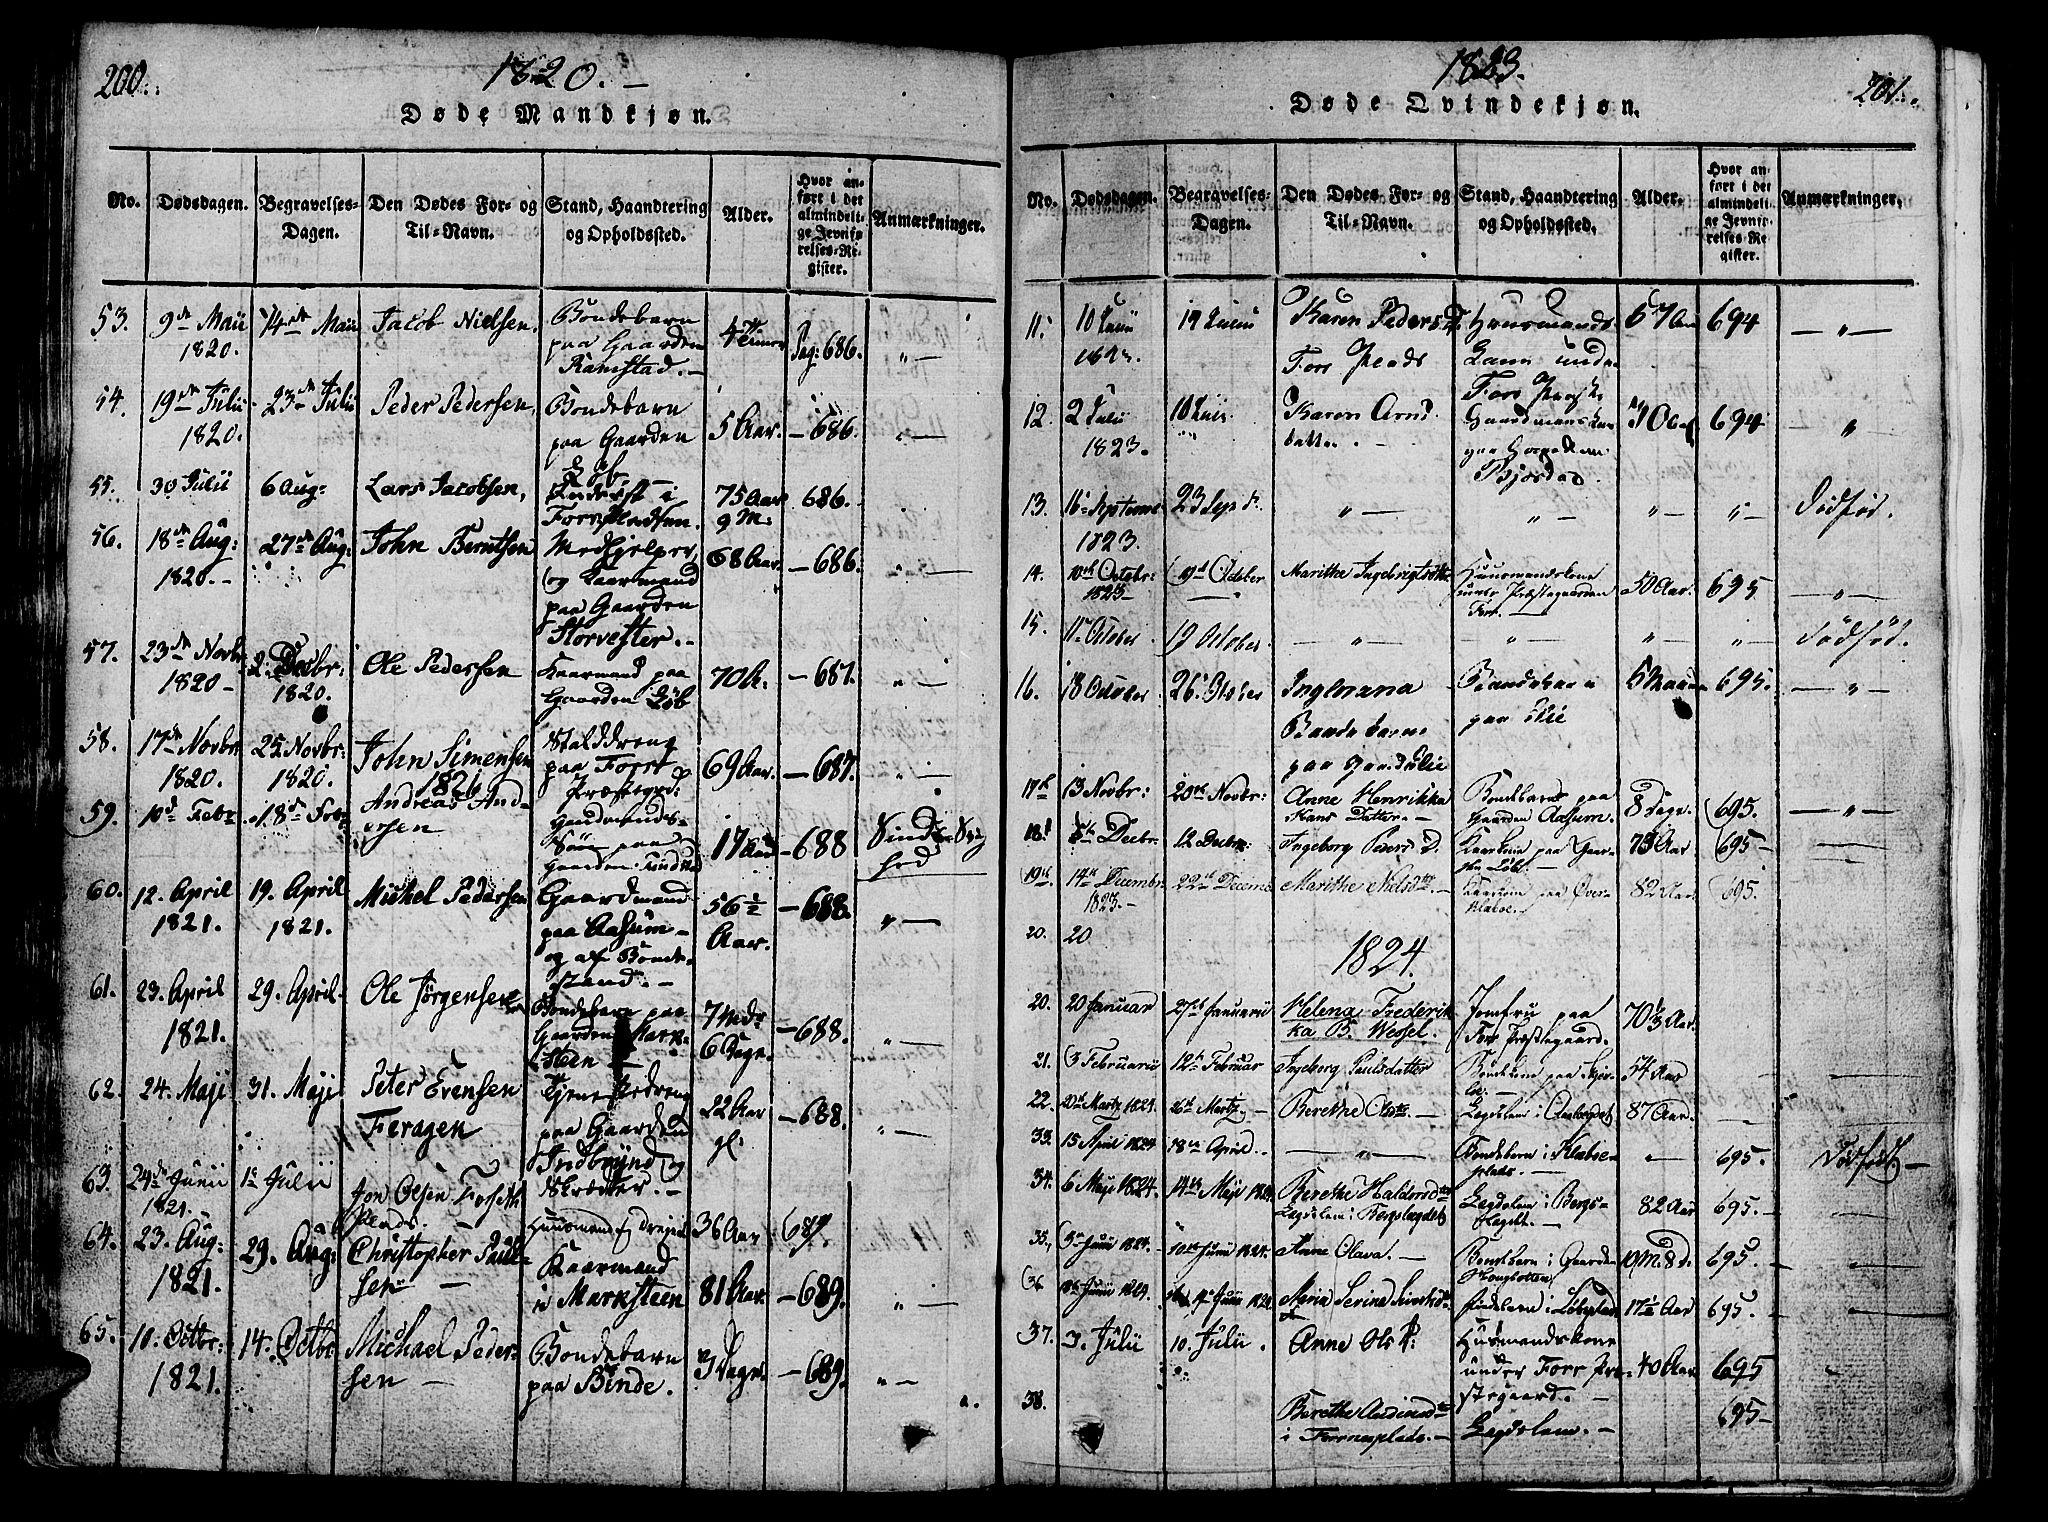 SAT, Ministerialprotokoller, klokkerbøker og fødselsregistre - Nord-Trøndelag, 746/L0441: Ministerialbok nr. 746A03 /1, 1816-1827, s. 200-201